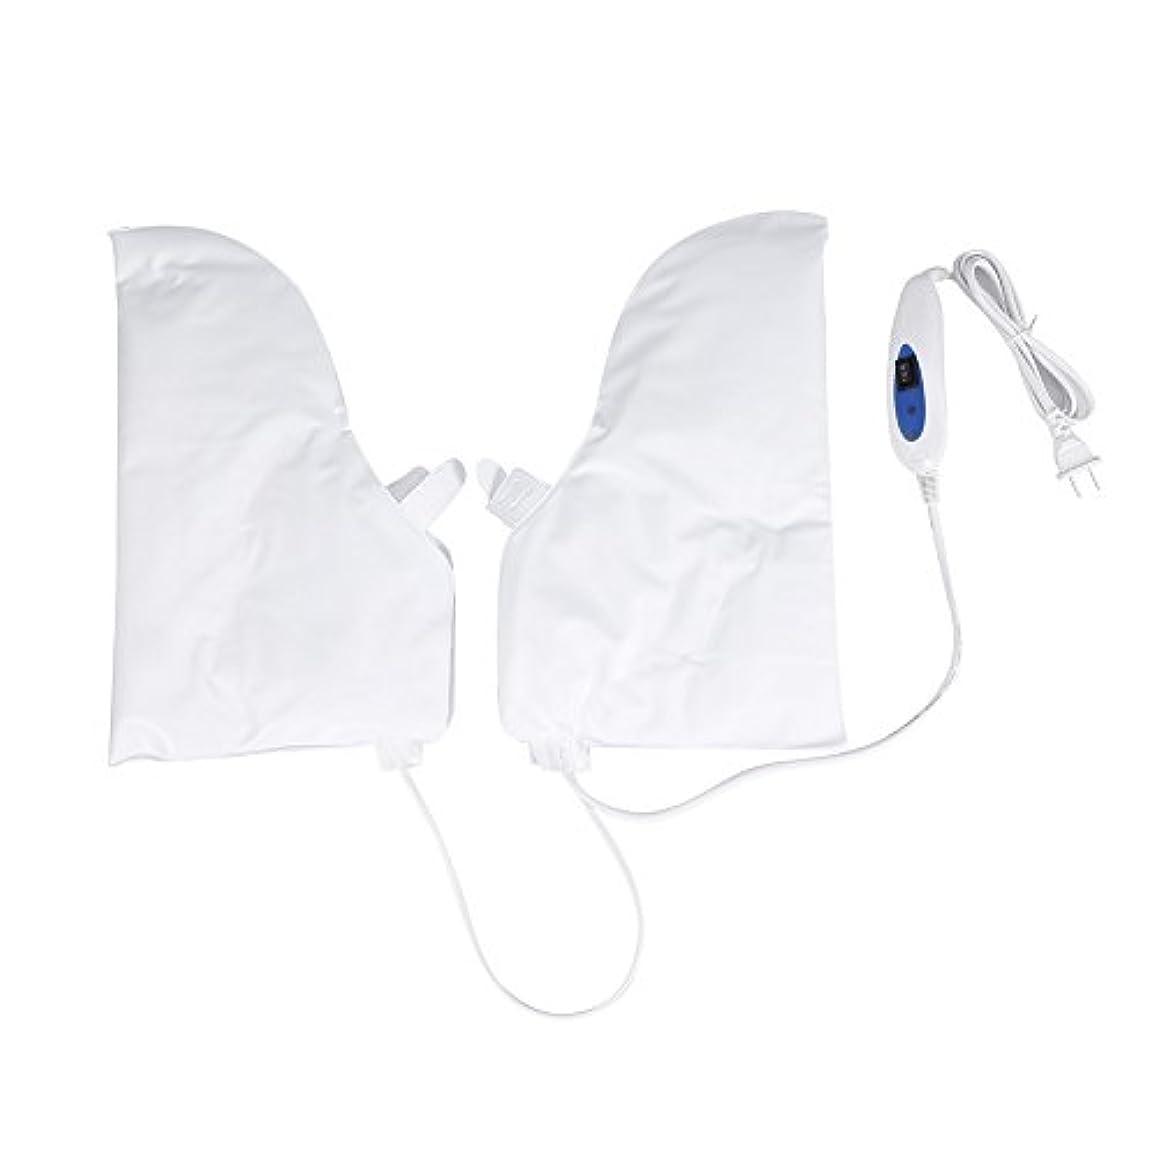 こどもの宮殿費やす体蒸し手袋 ハンドマスク 保湿グローブ 電熱手袋 ヒートグローブ 加熱式 電熱 手ケア ハンドケア 2つ加熱モード 乾燥対策 手荒れ対策 補水 保湿 美白 しっとり 美容 手袋